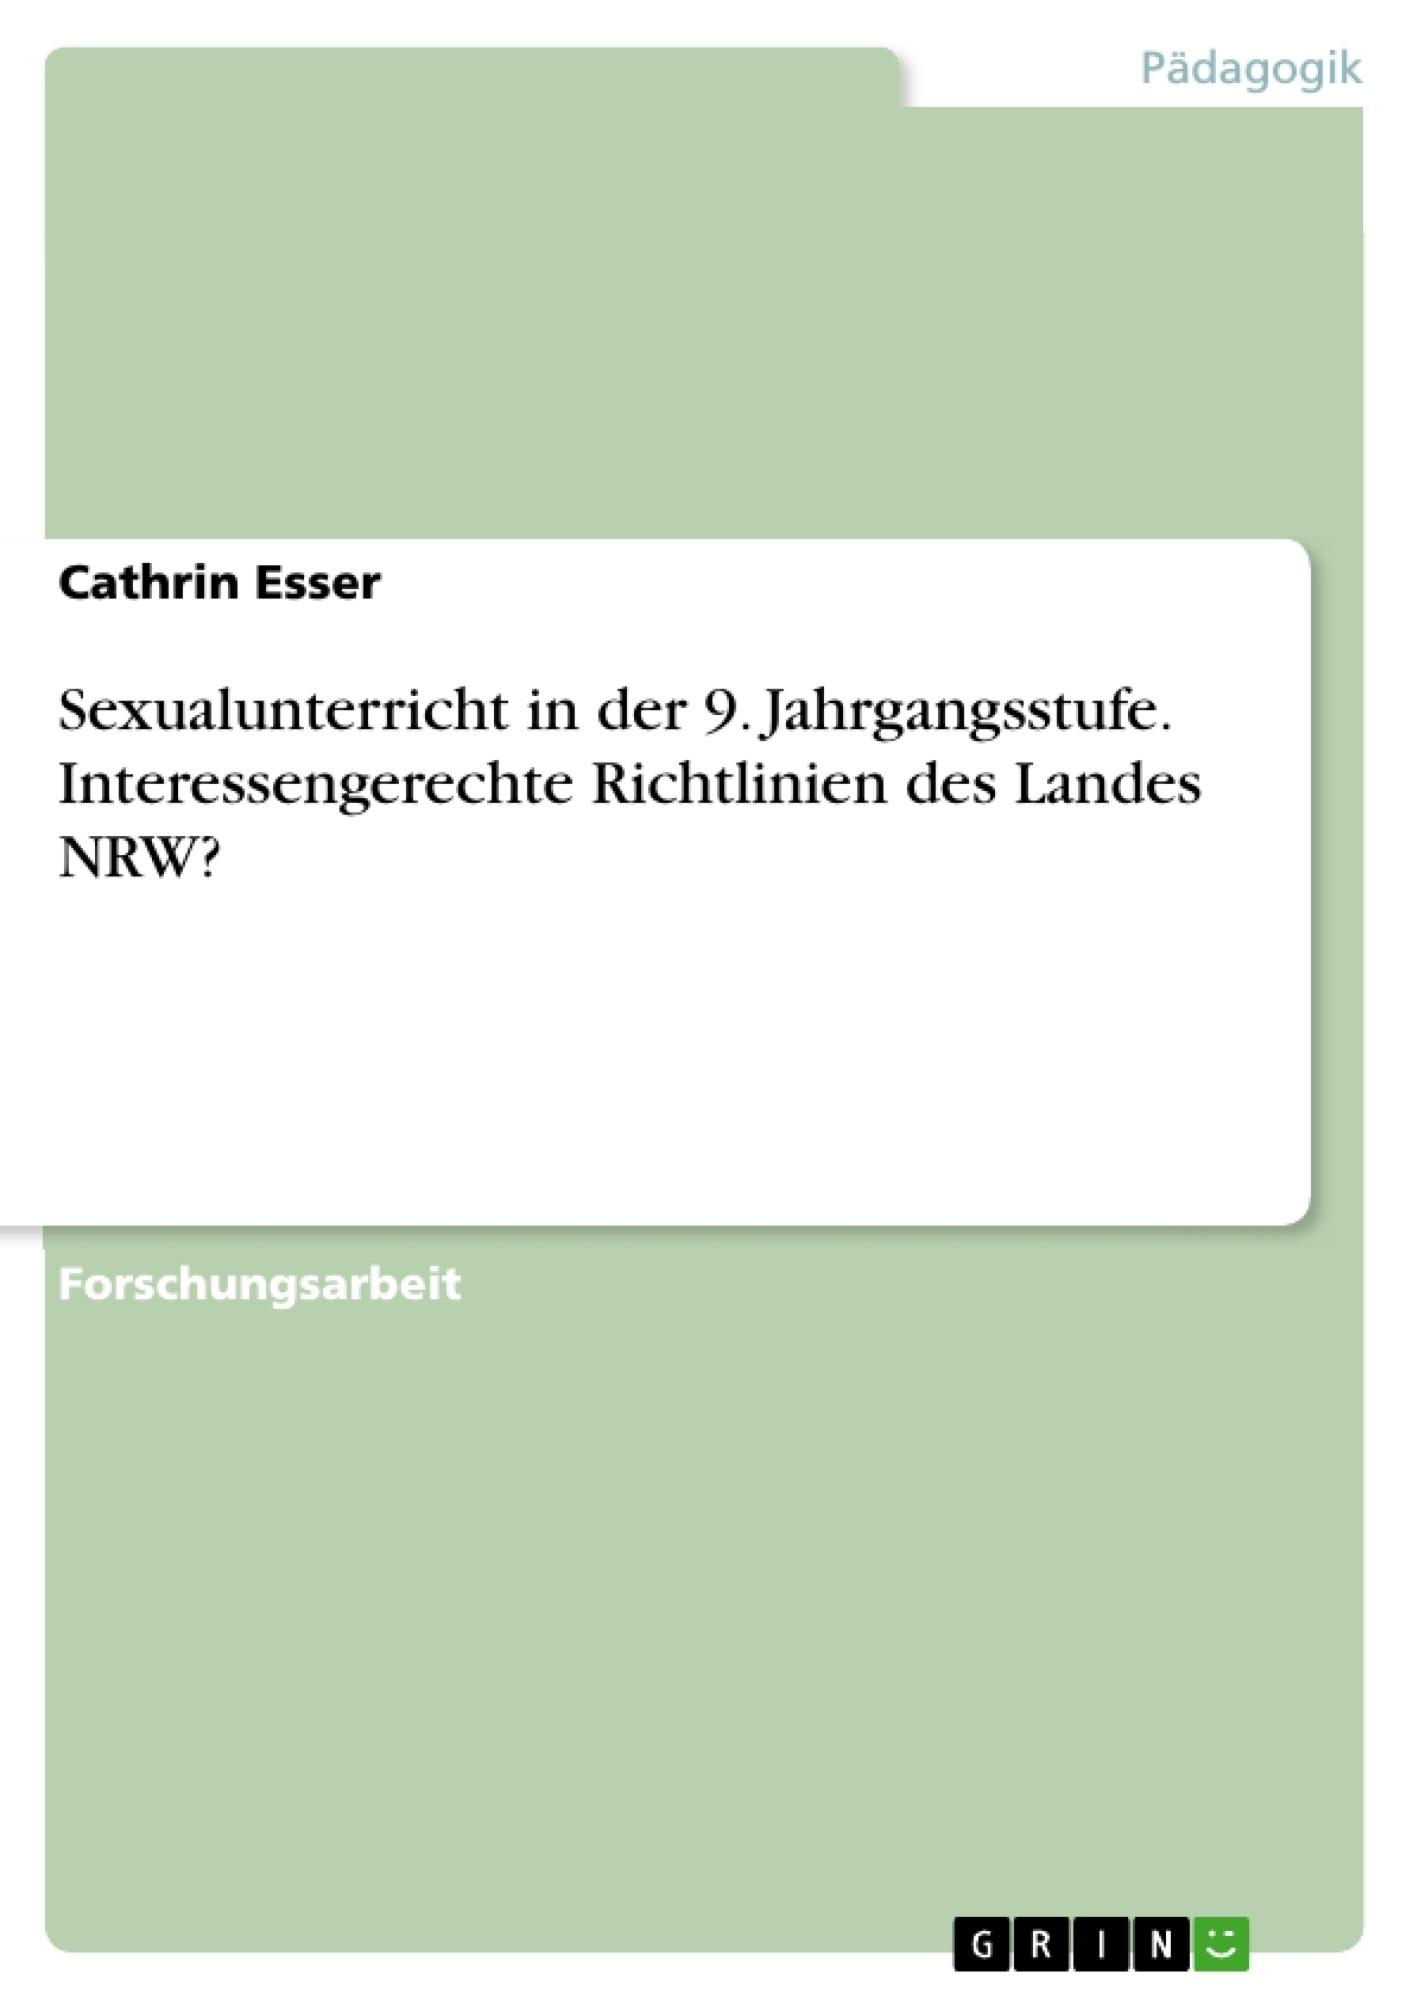 Titel: Sexualunterricht in der 9. Jahrgangsstufe. Interessengerechte Richtlinien des Landes NRW?